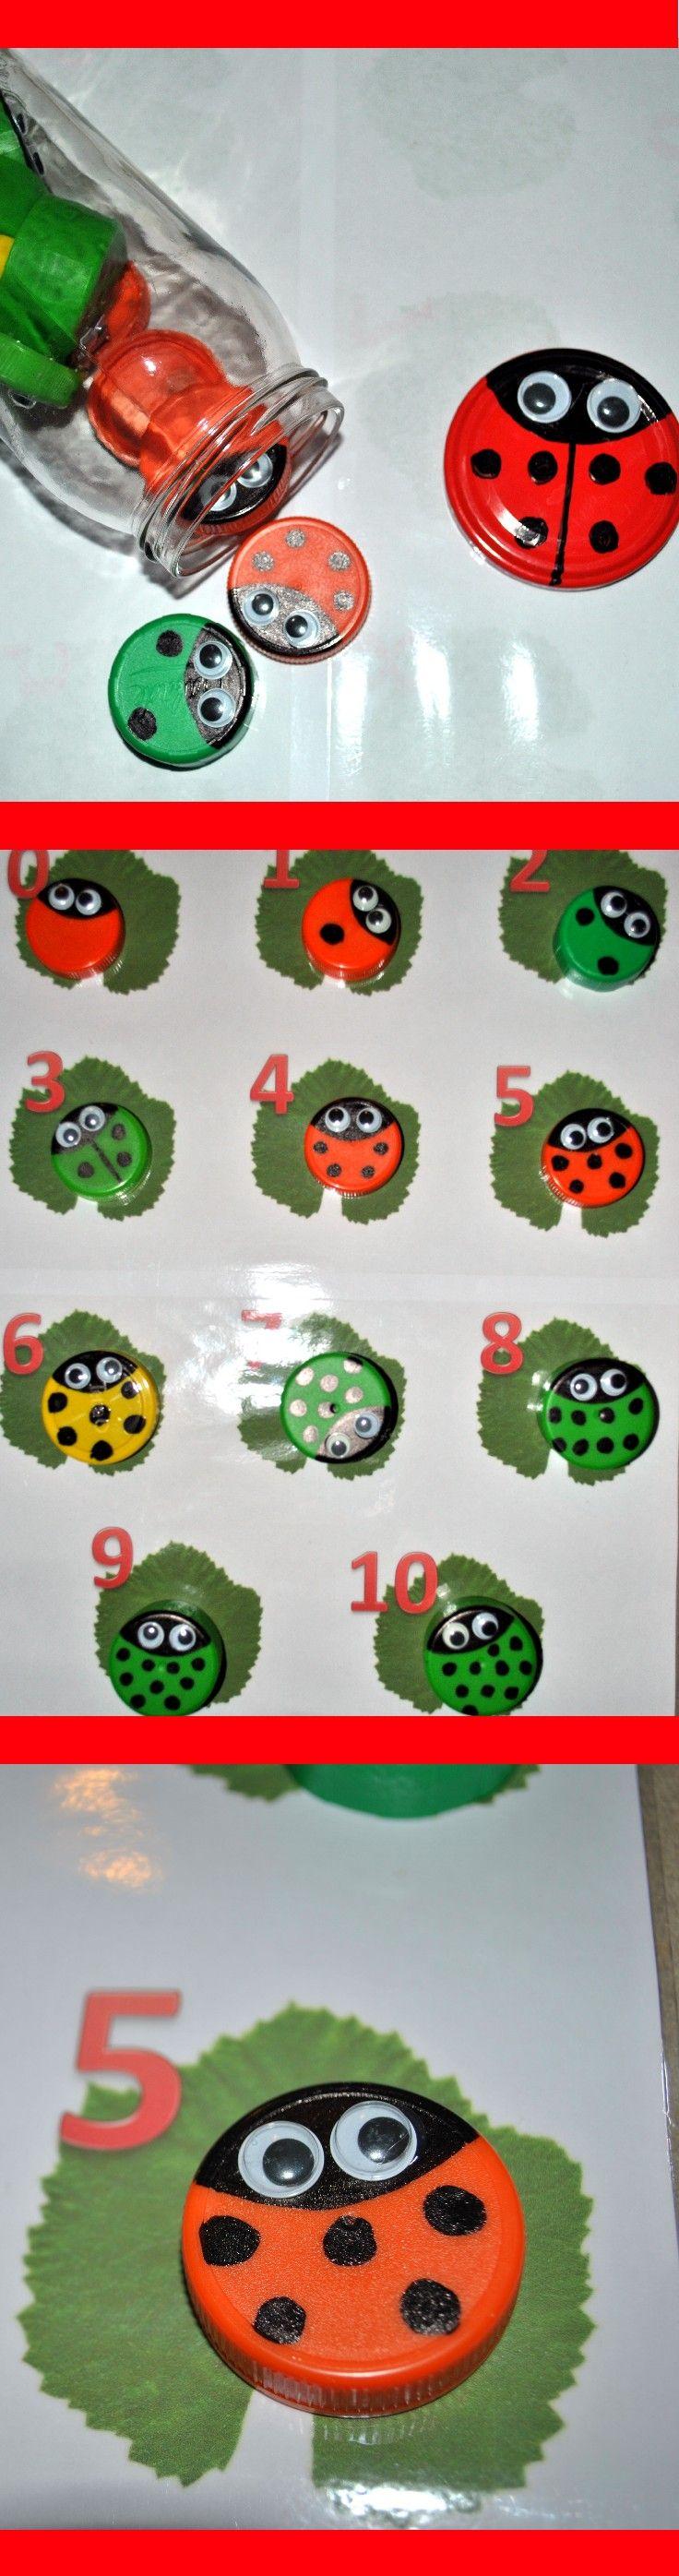 Asociar número a cantidad, previamente hemos decorado tapones como sí fueran mariquitas. A contar lunares y ponerlas en la hoja q corresponda